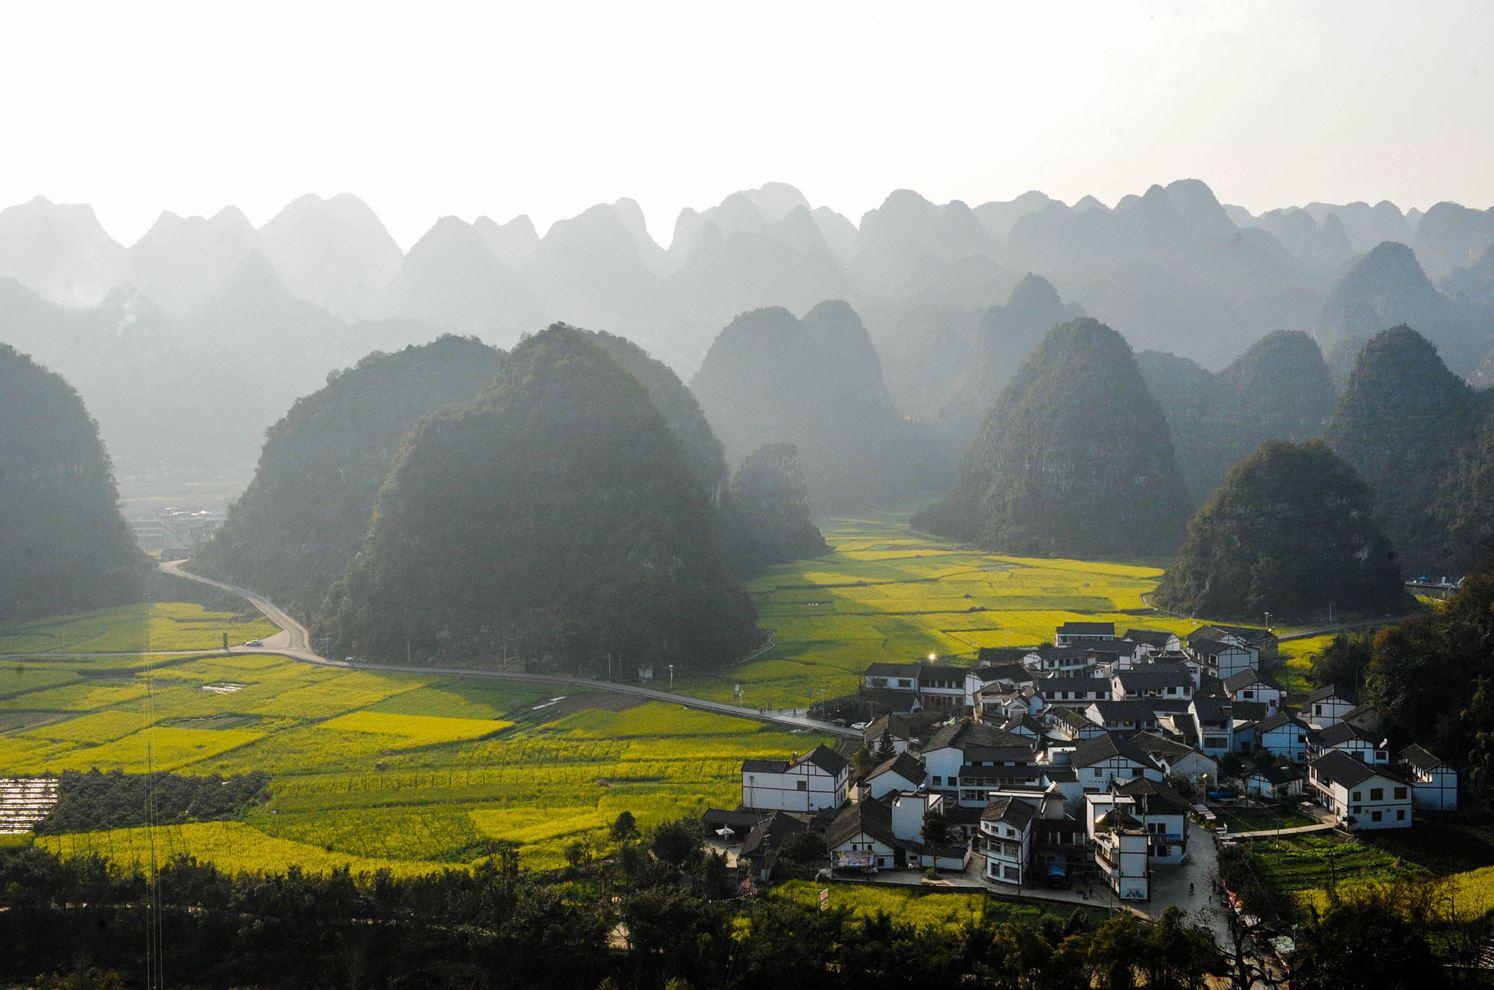 Деревня Ванфенглин, г. о. Тунжэнь, пр. Гуйчжоу.